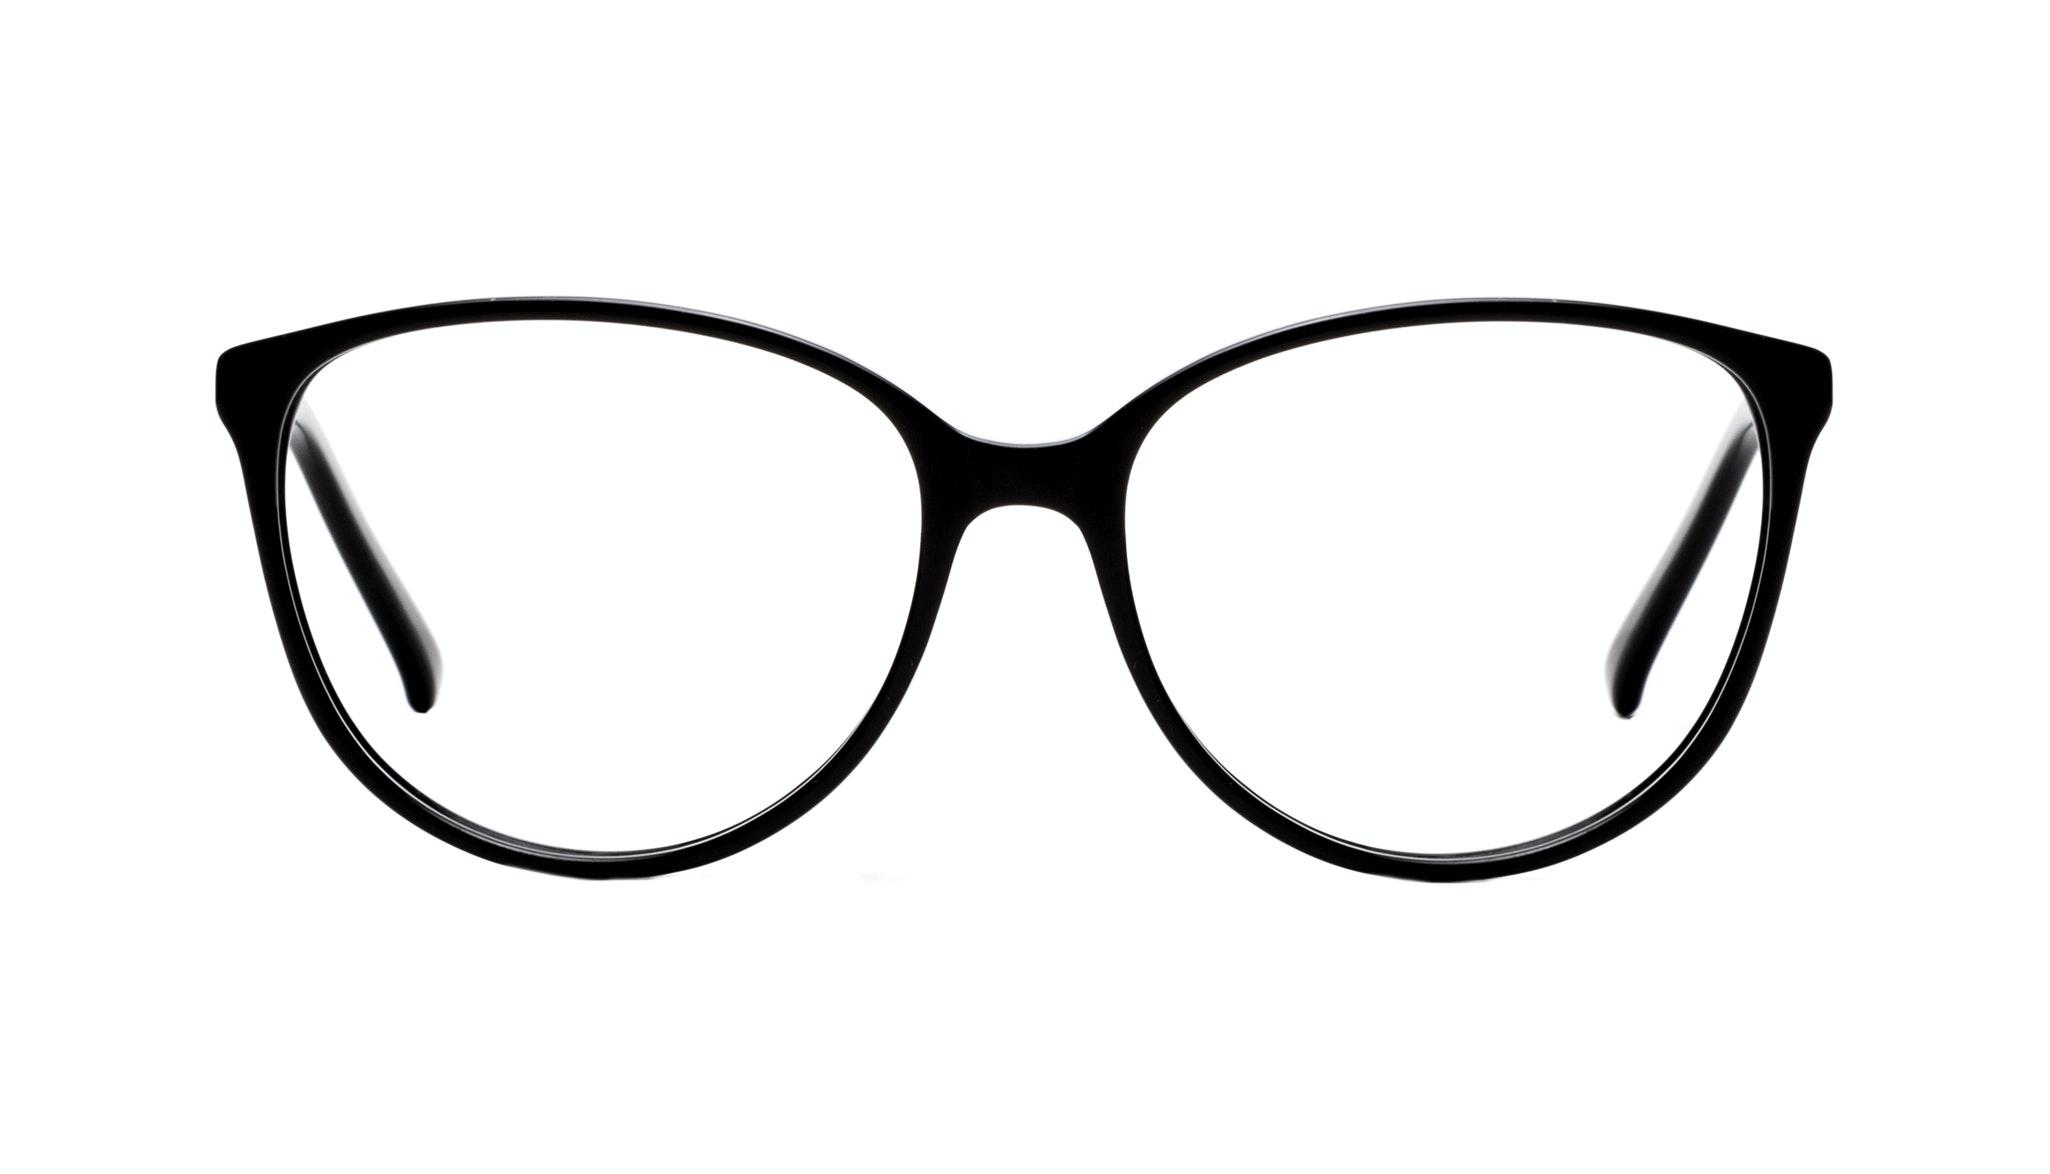 Affordable Fashion Glasses Cat Eye Round Eyeglasses Women Imagine Onyx Front